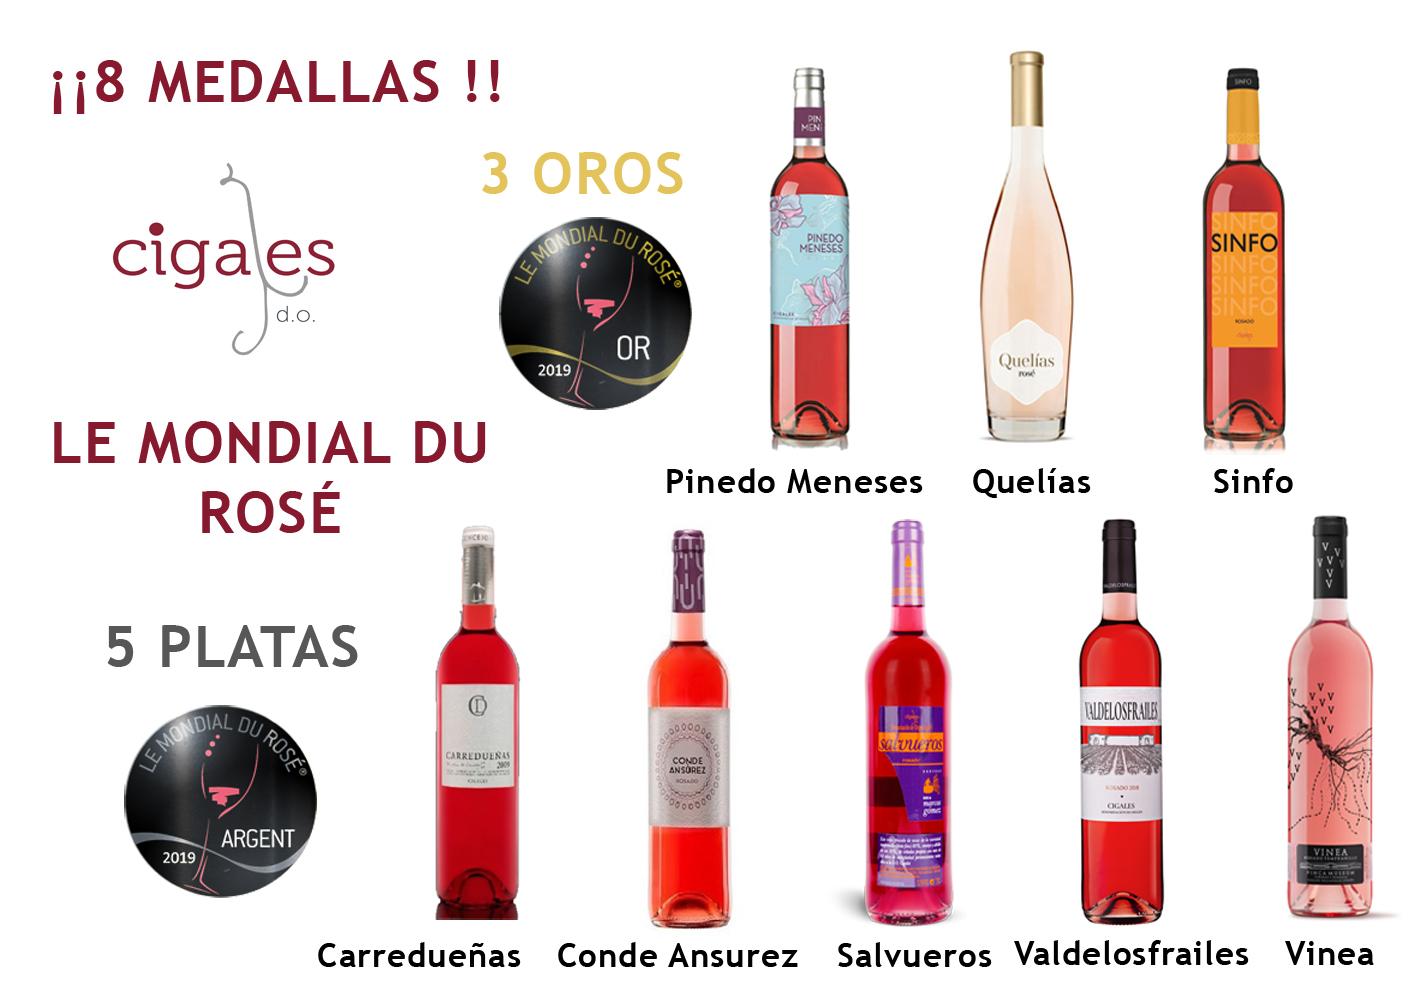 La DO Cigales obtiene tres de los 8 Oros españoles en el Mundial del Rosado de Cannes